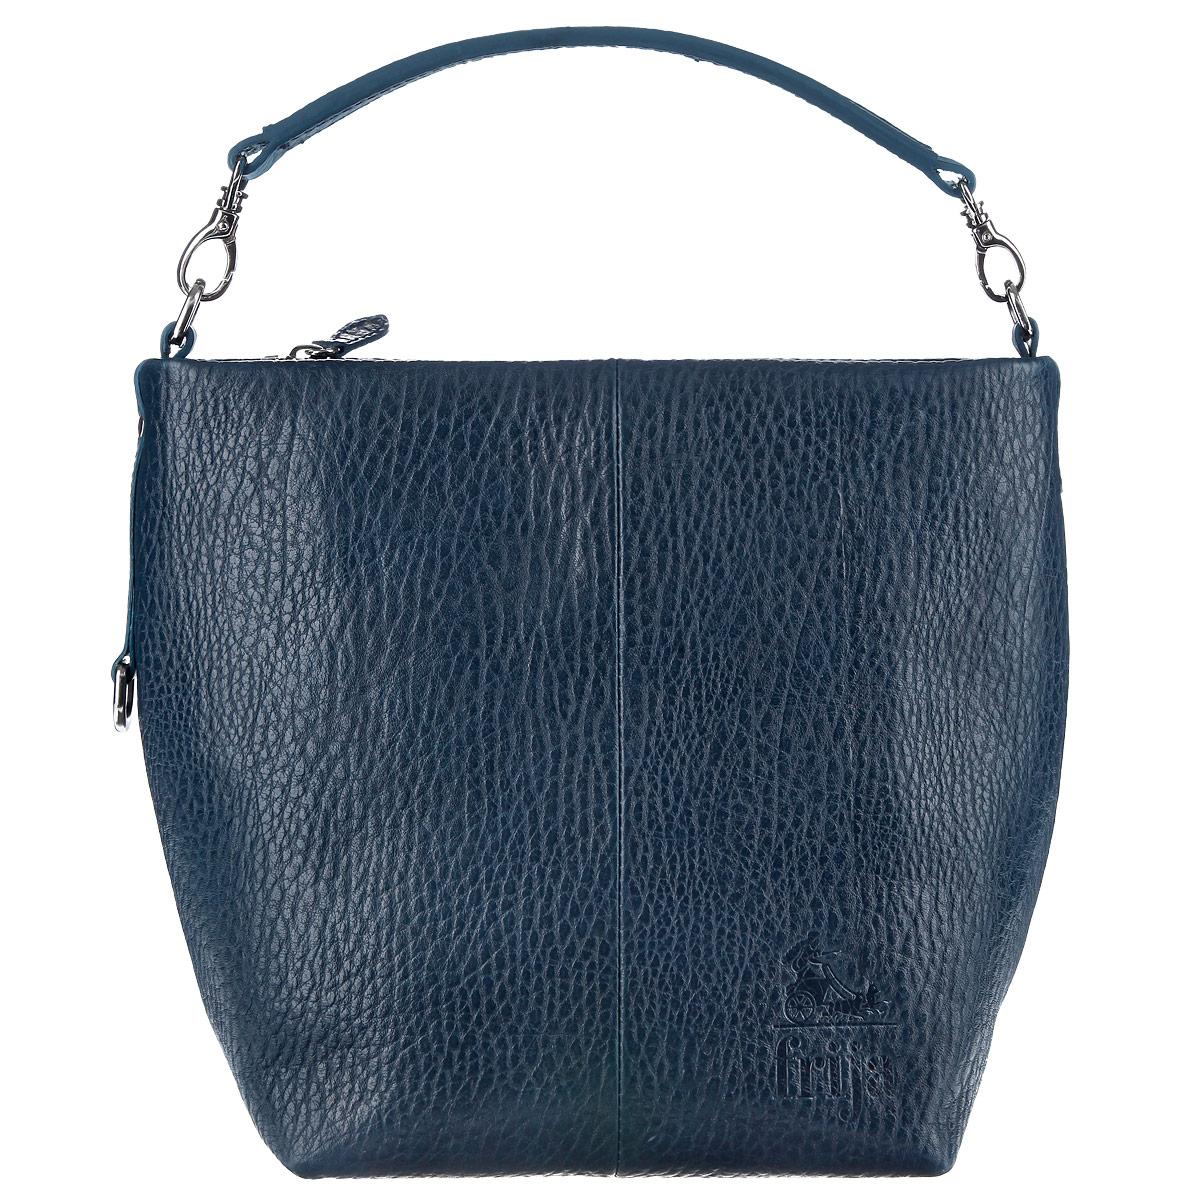 Сумка женская Frija, цвет: синий. 21-0057-12-KAM/B/NS76245Симпатичная сумка Frija выполнена из натуральной кожи светло-розового цвета. Внутри сумка состоит из одного отделения, также есть три боковых кармана, один из которых на металлической молнии. Сумка Frija - это стильный аксессуар, который подчеркнет Вашу изысканность и индивидуальность и сделает Ваш образ завершенным.